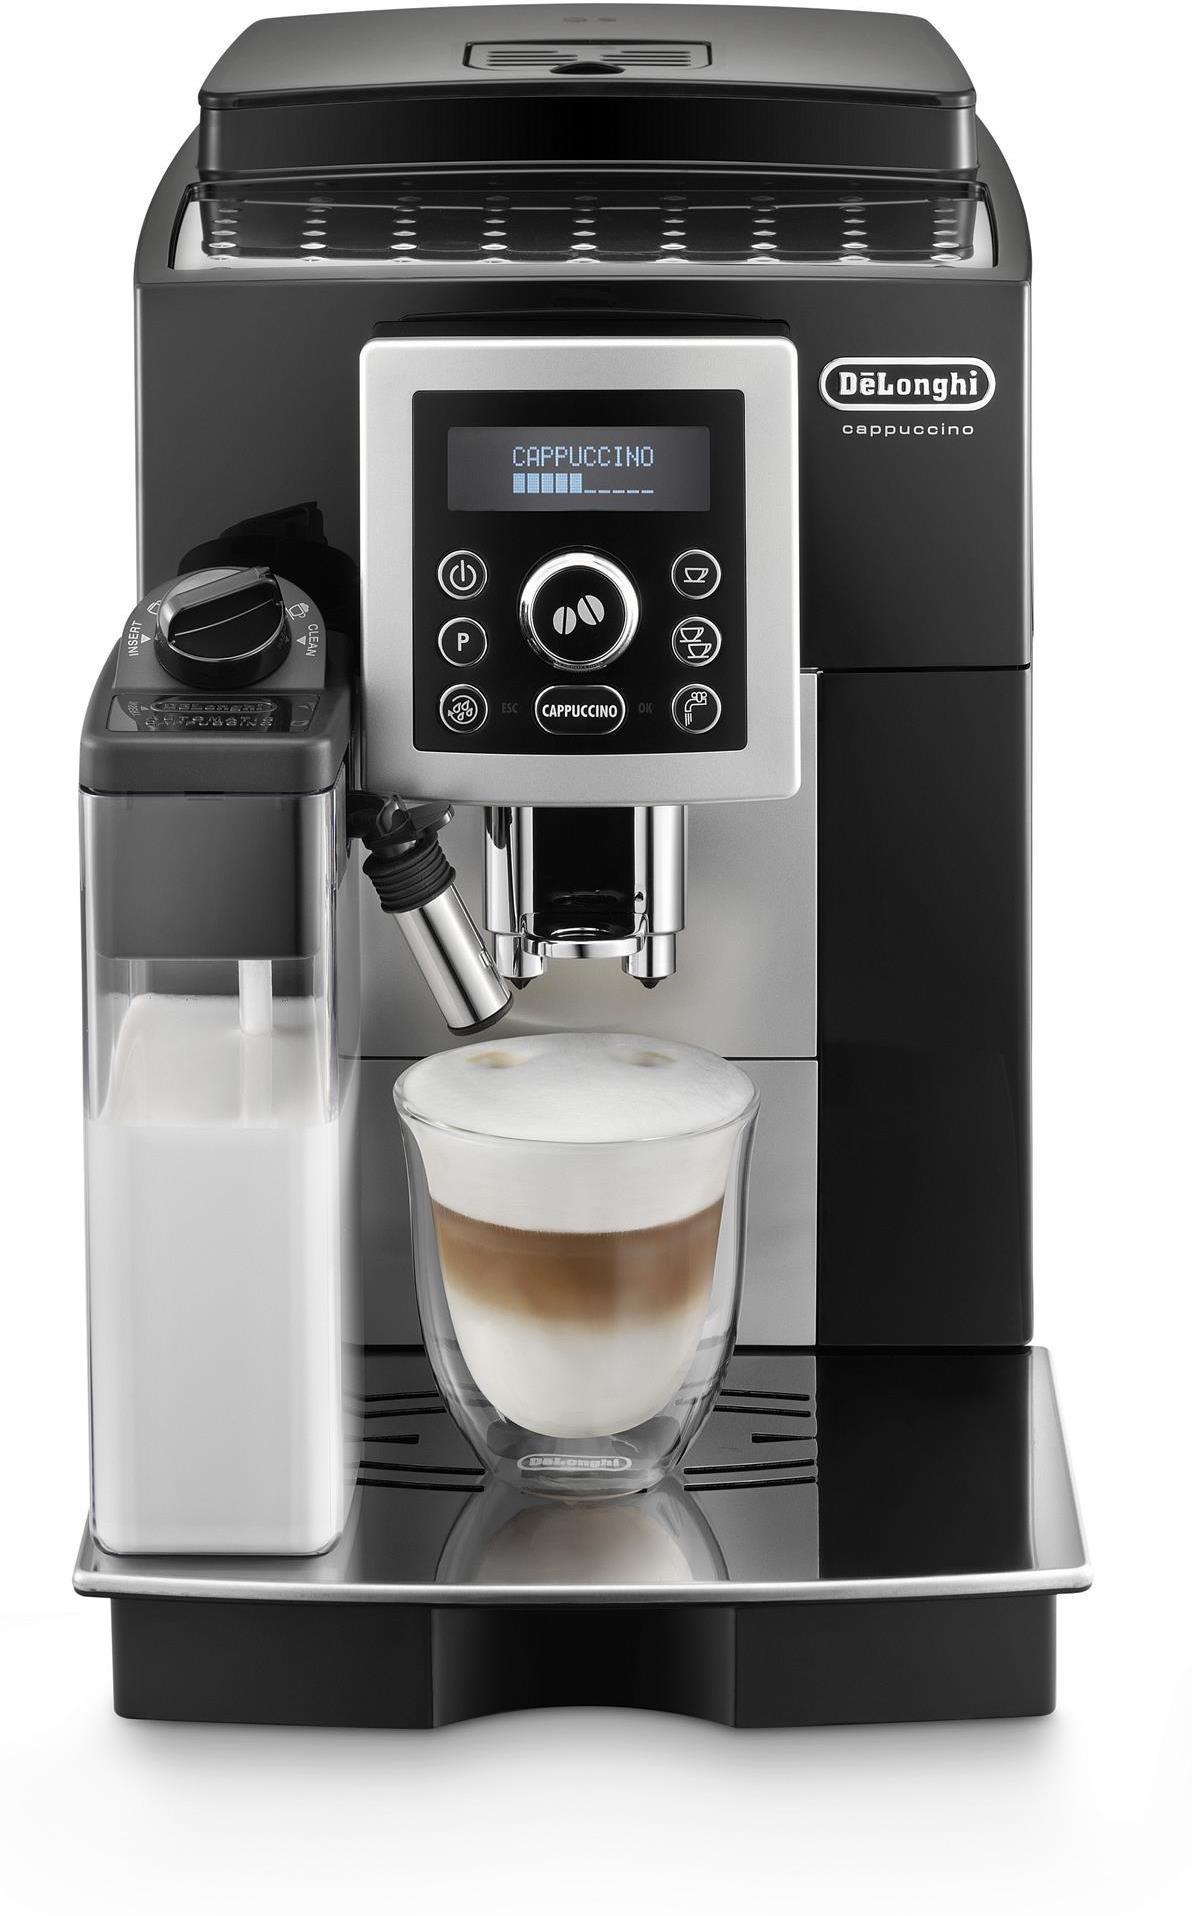 Machine latte Ecam 23.463.B De'Longhi noir